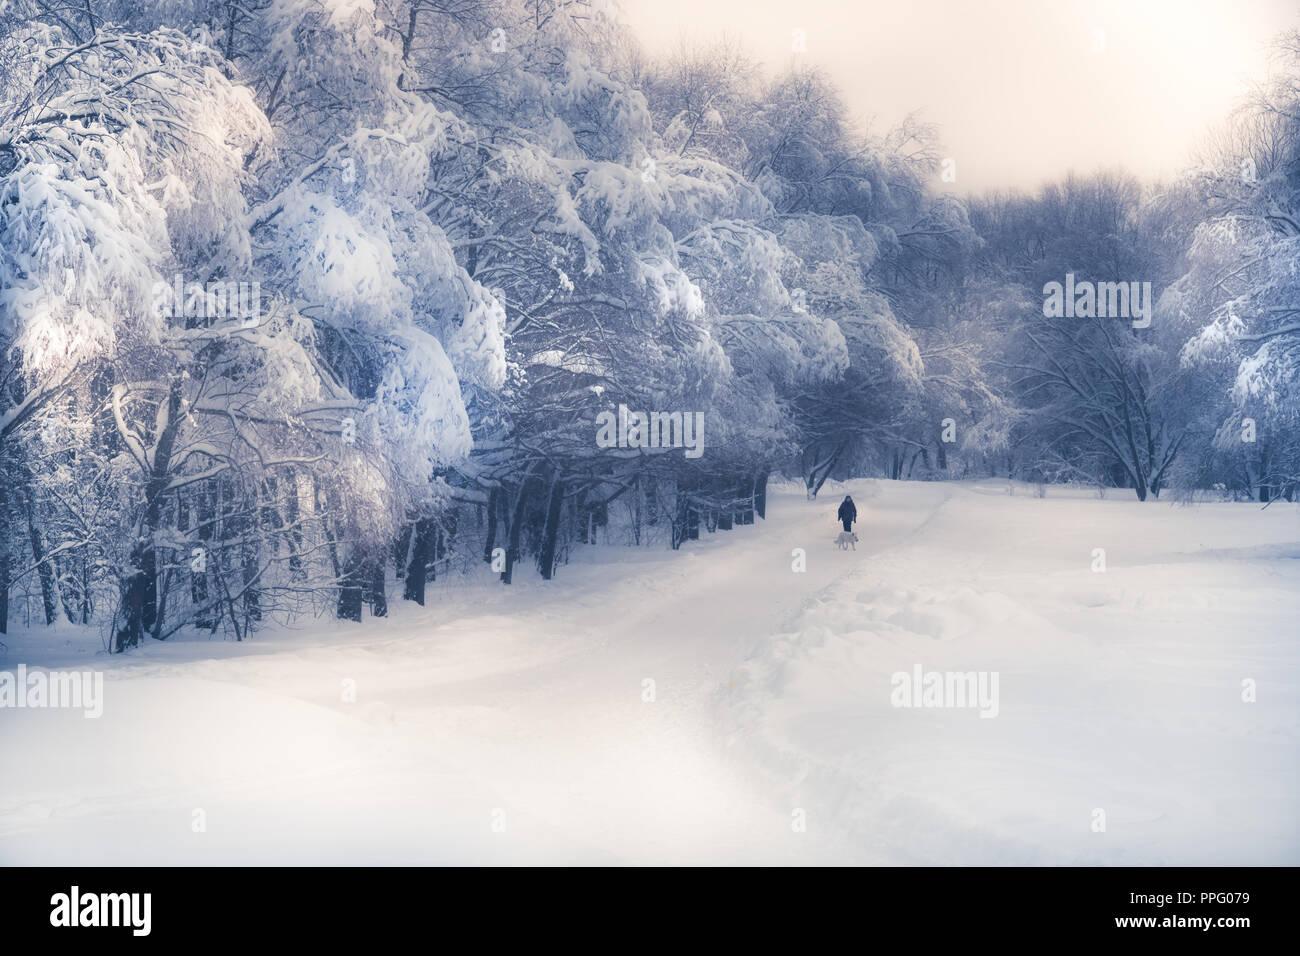 Einsame silhouette Wandern auf verschneiter Straße im Winter Saison im Forest Park Snowy Landscape in sanften Blau Lila Farben Stockbild